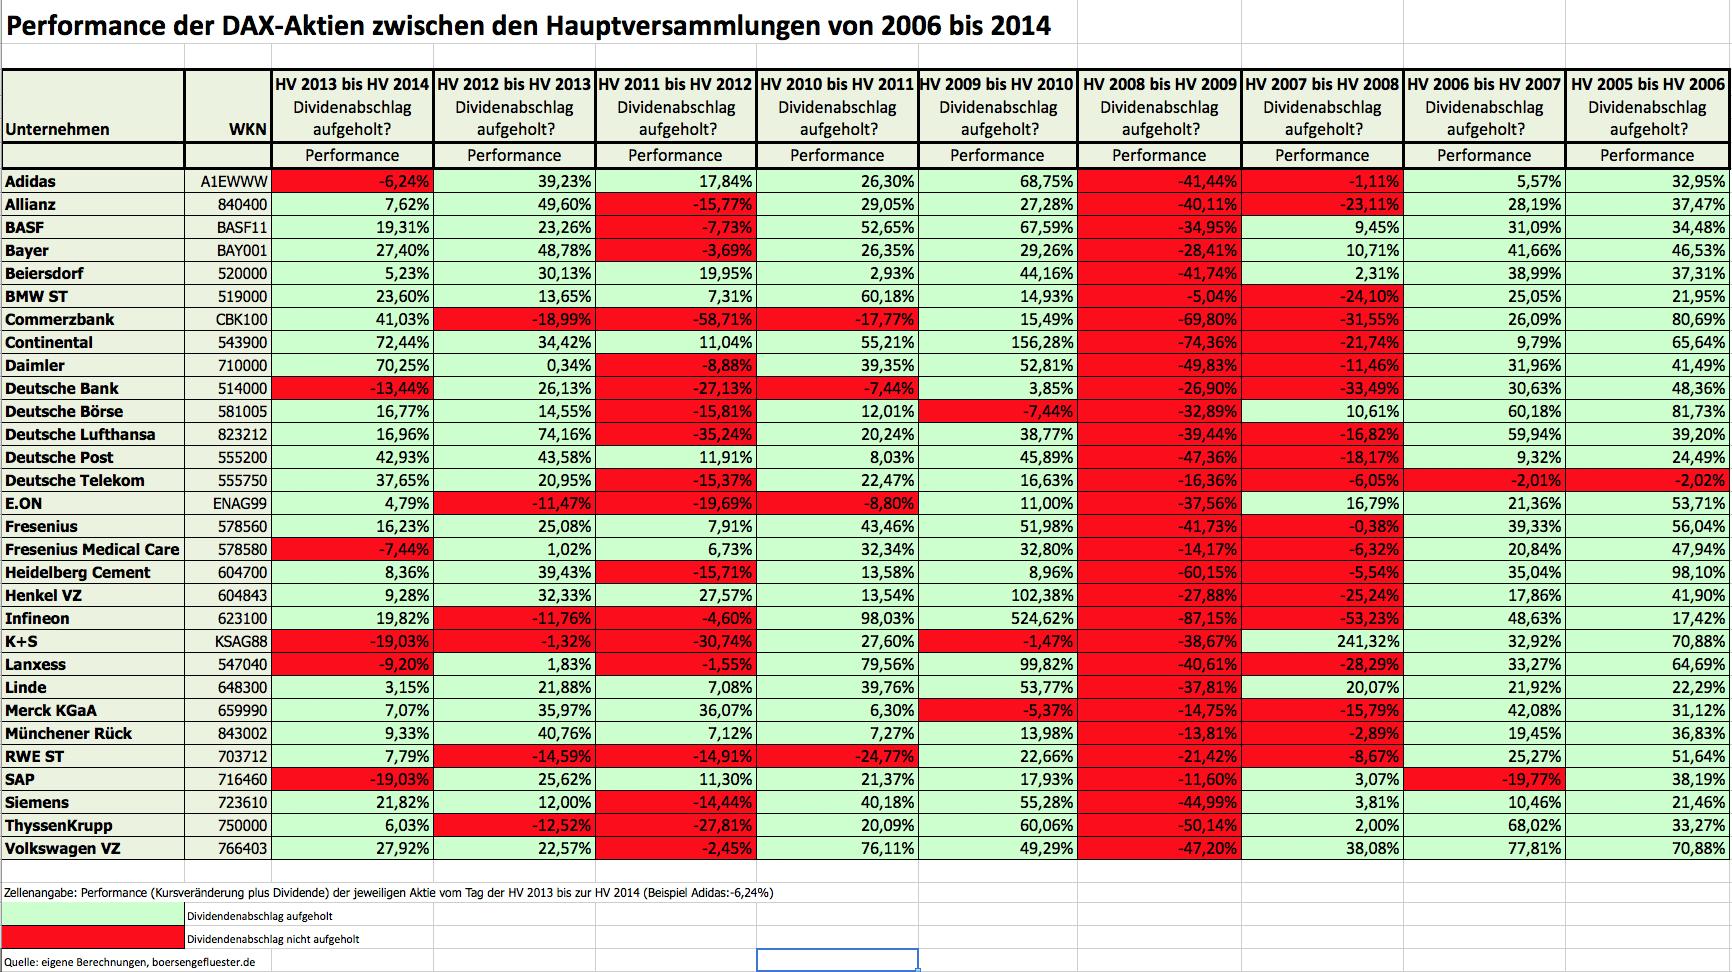 Performance der DAX-Aktien zwischen den HVs 2006 bis 2014